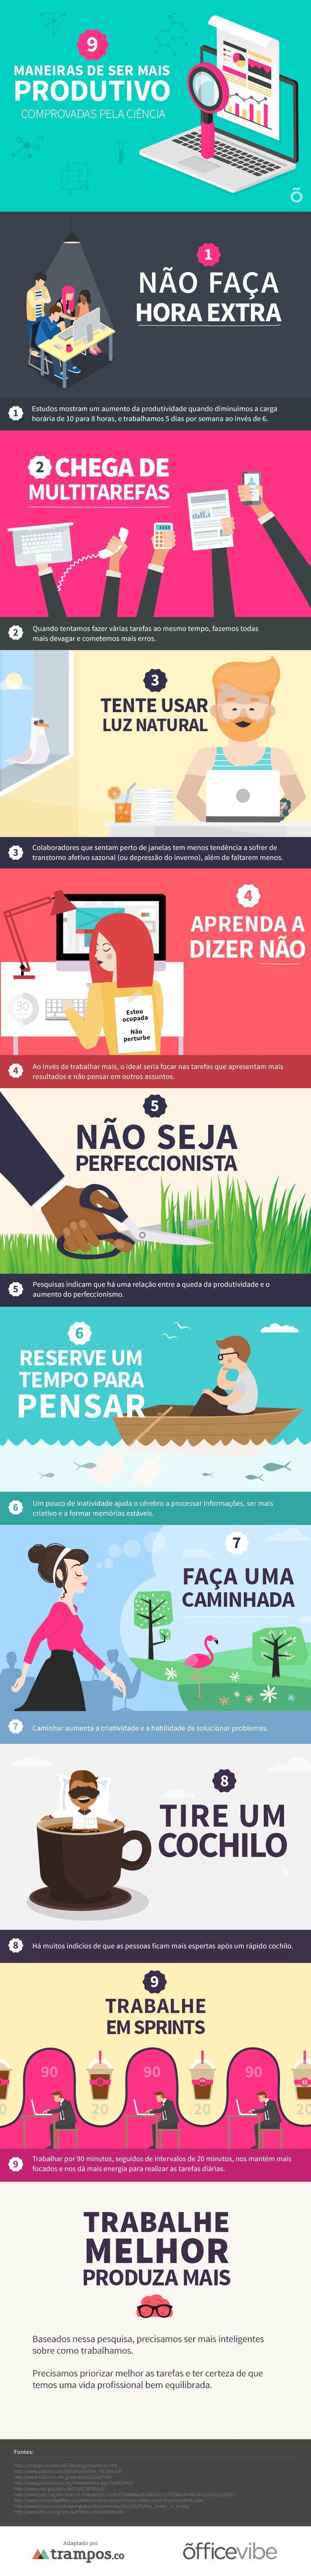 Infográfico: como aumentar a produtividade no trabalho.